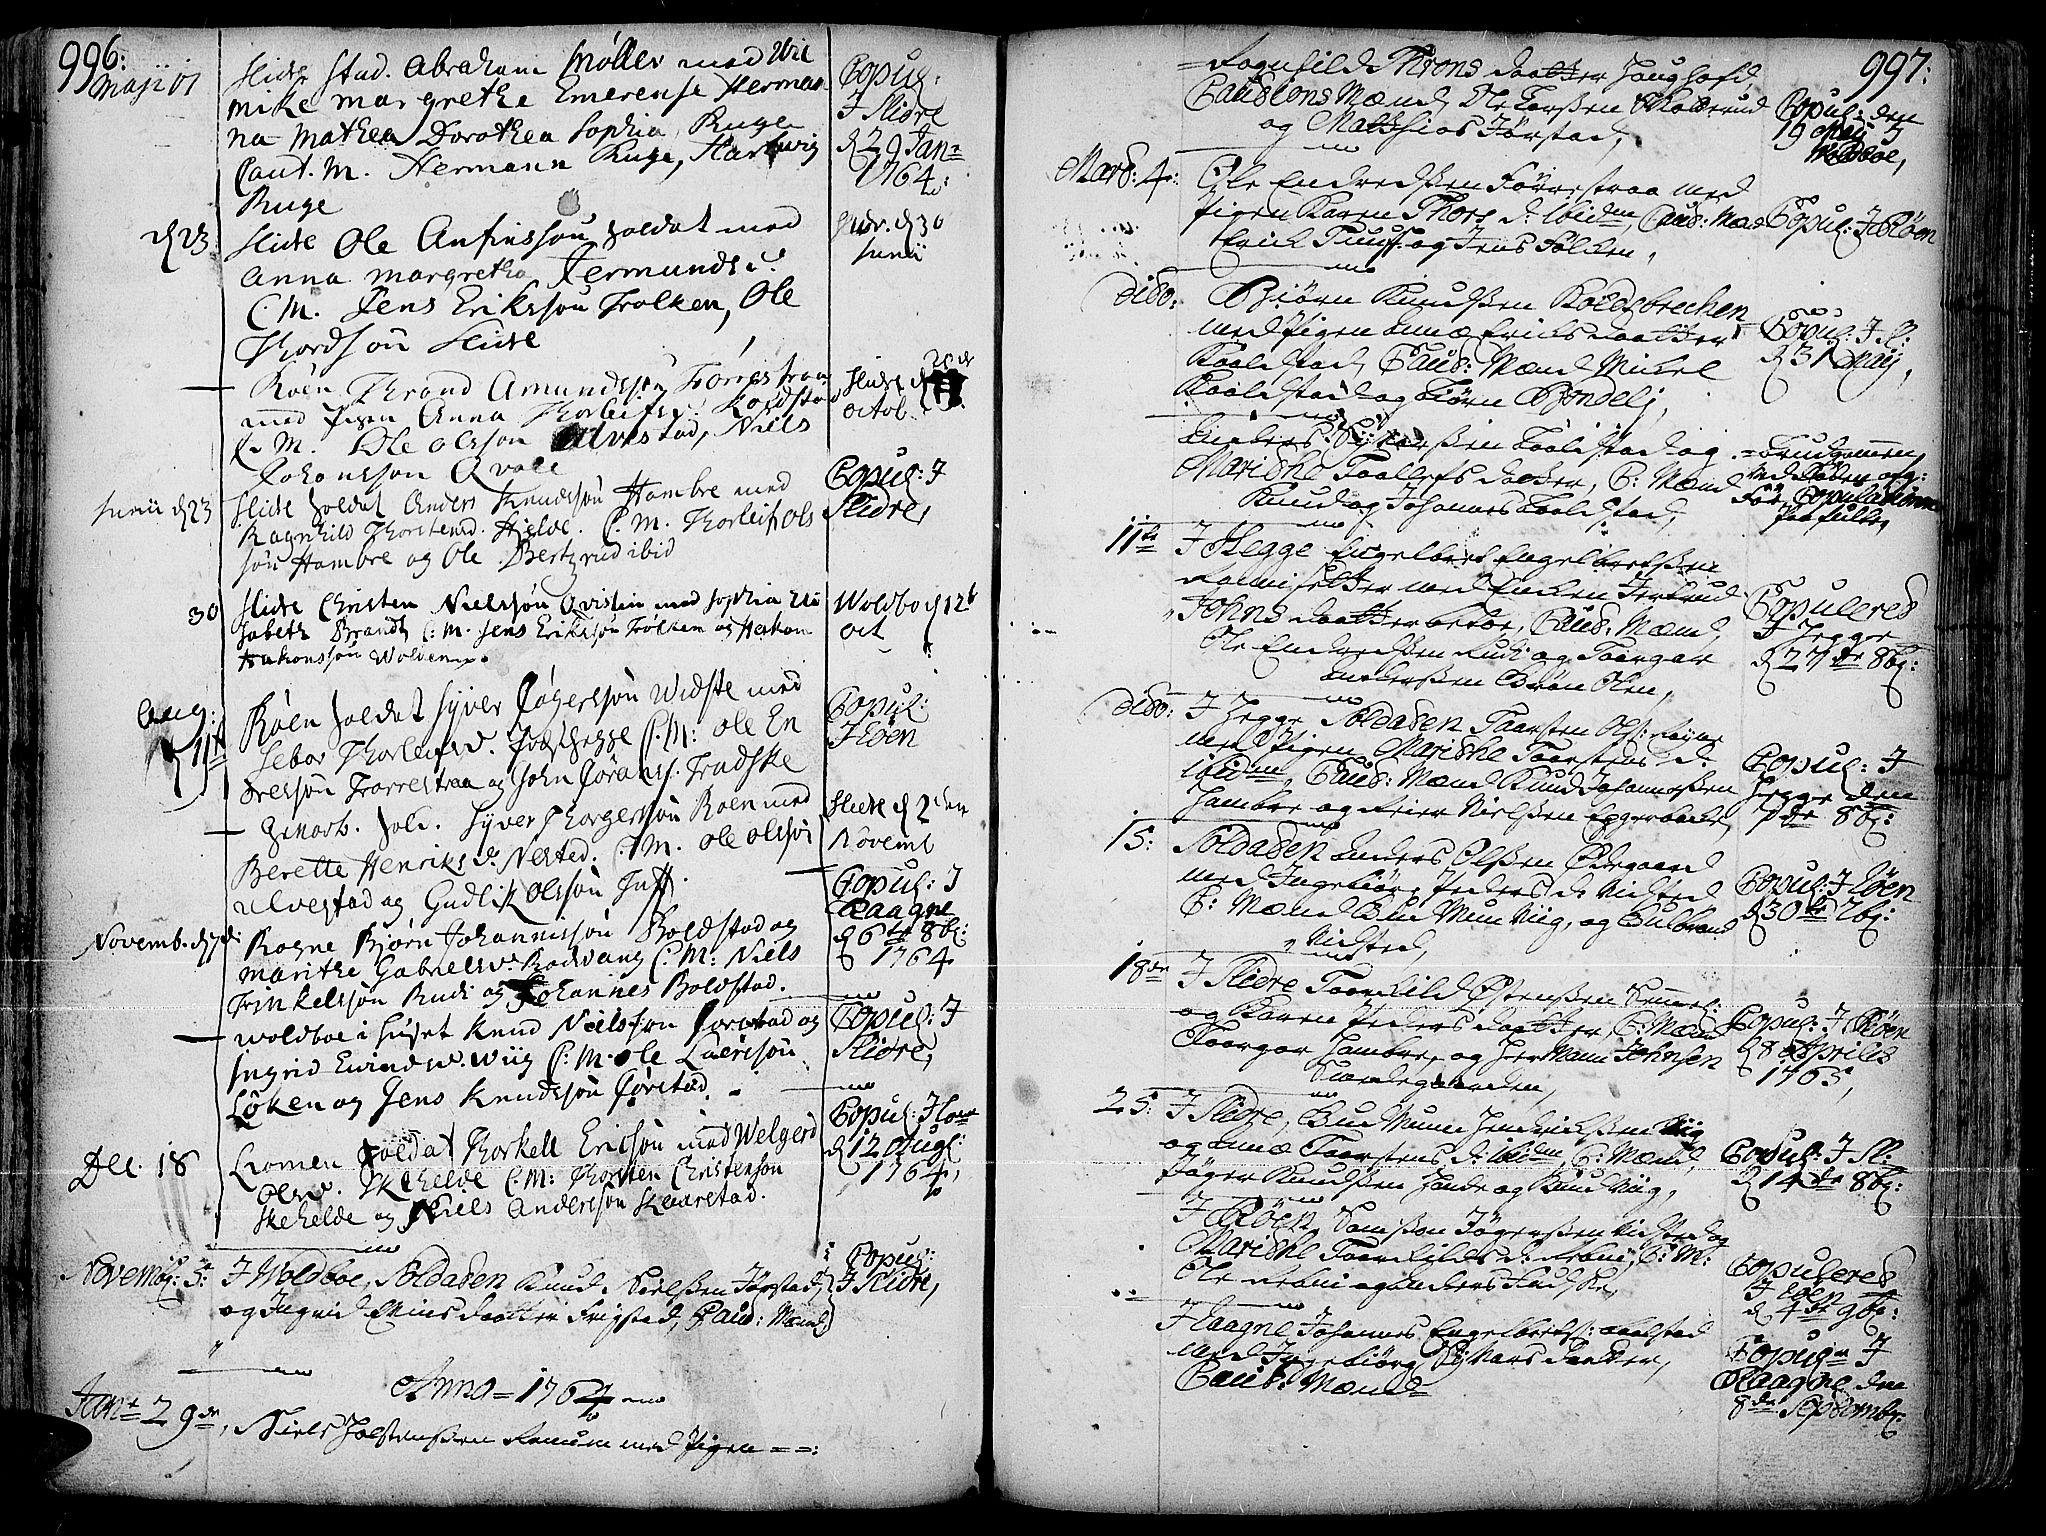 SAH, Slidre prestekontor, Ministerialbok nr. 1, 1724-1814, s. 996-997